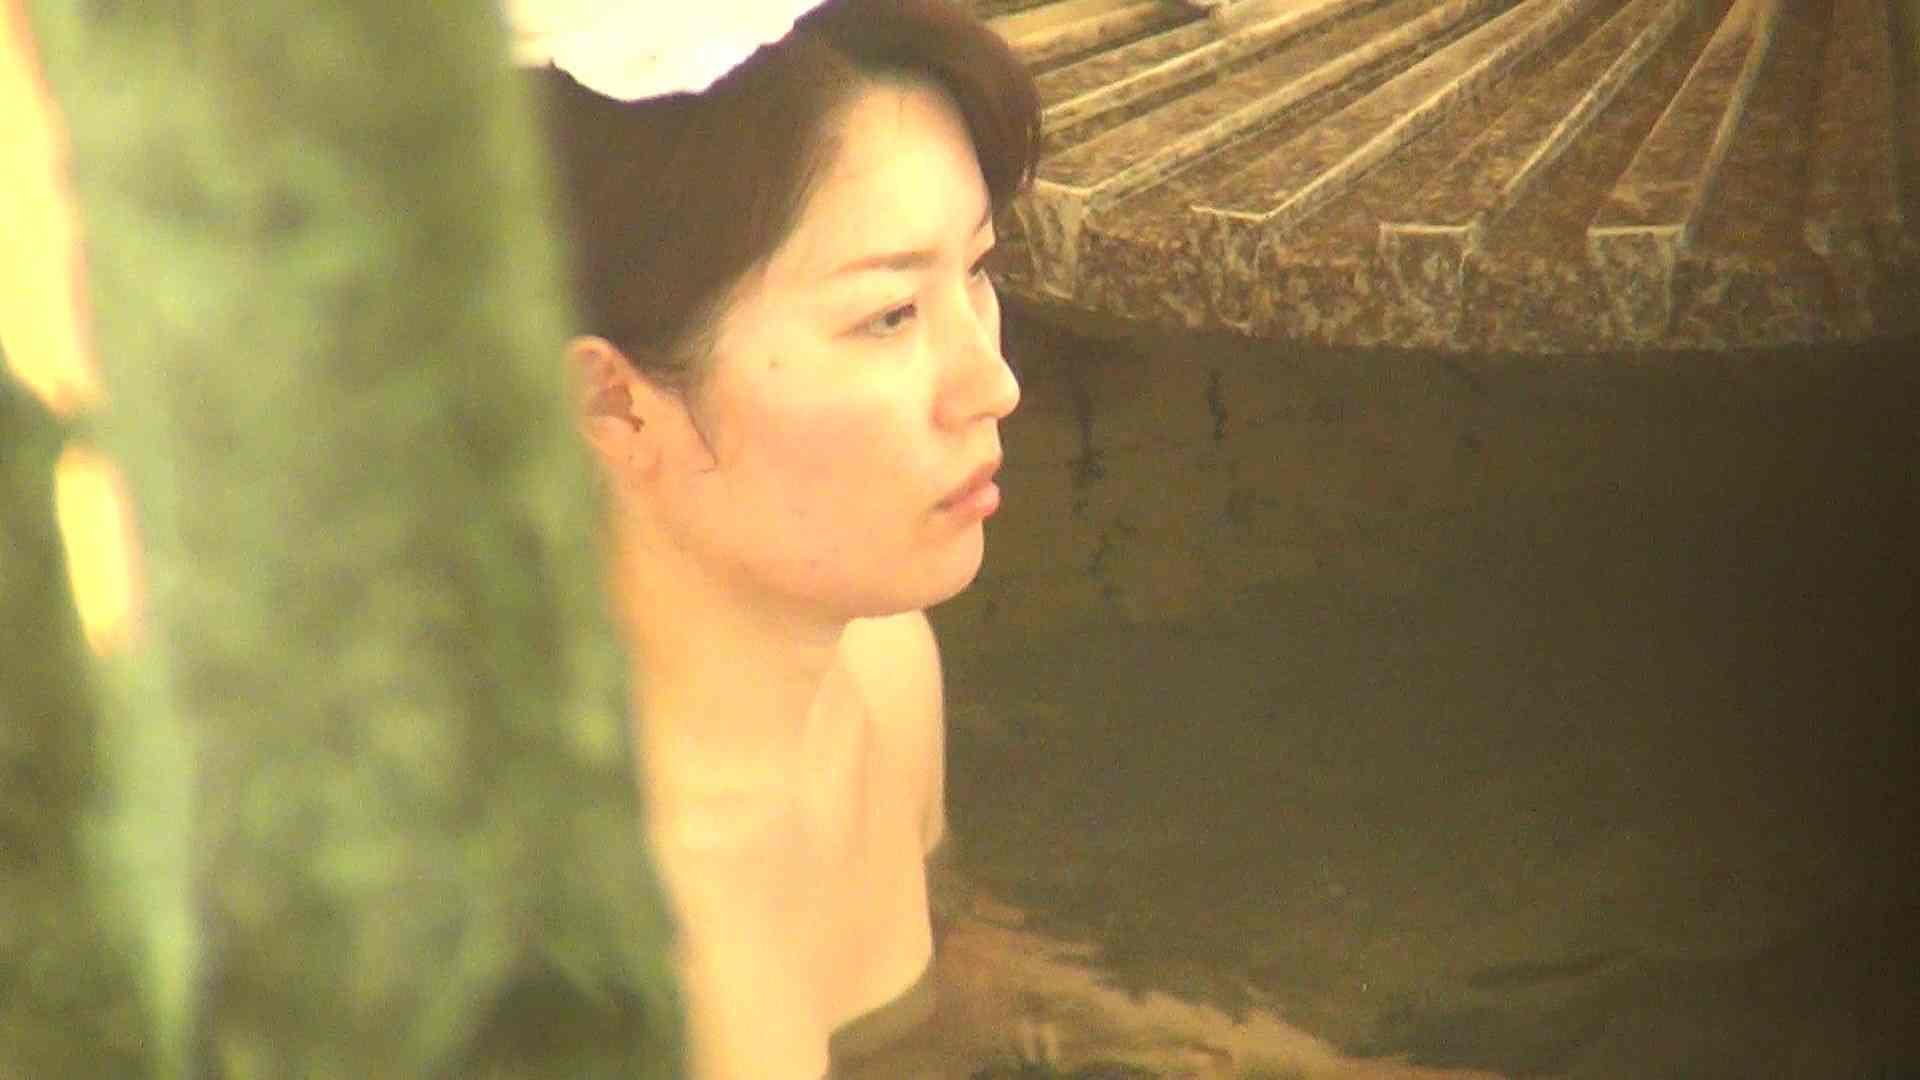 Aquaな露天風呂Vol.301 露天 | 盗撮  85画像 67